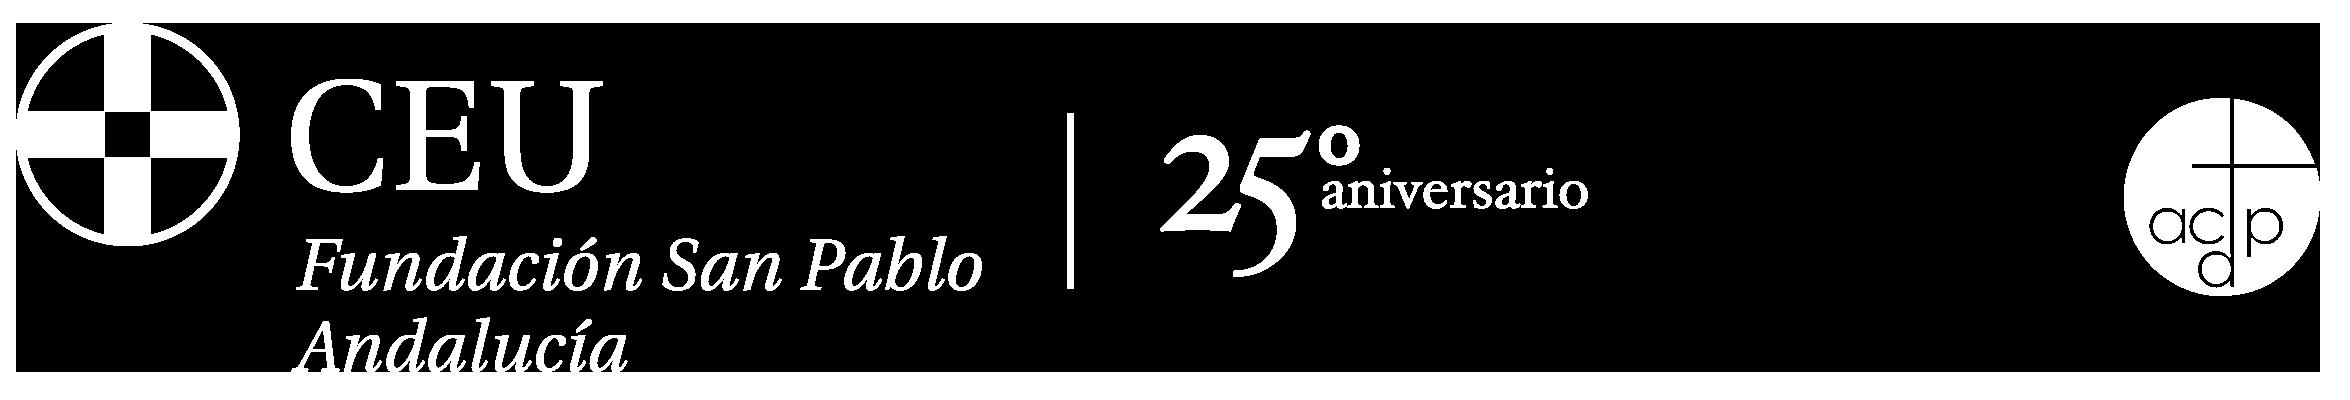 Fundación San Pablo Andalucía CEU - 25 Aniversario